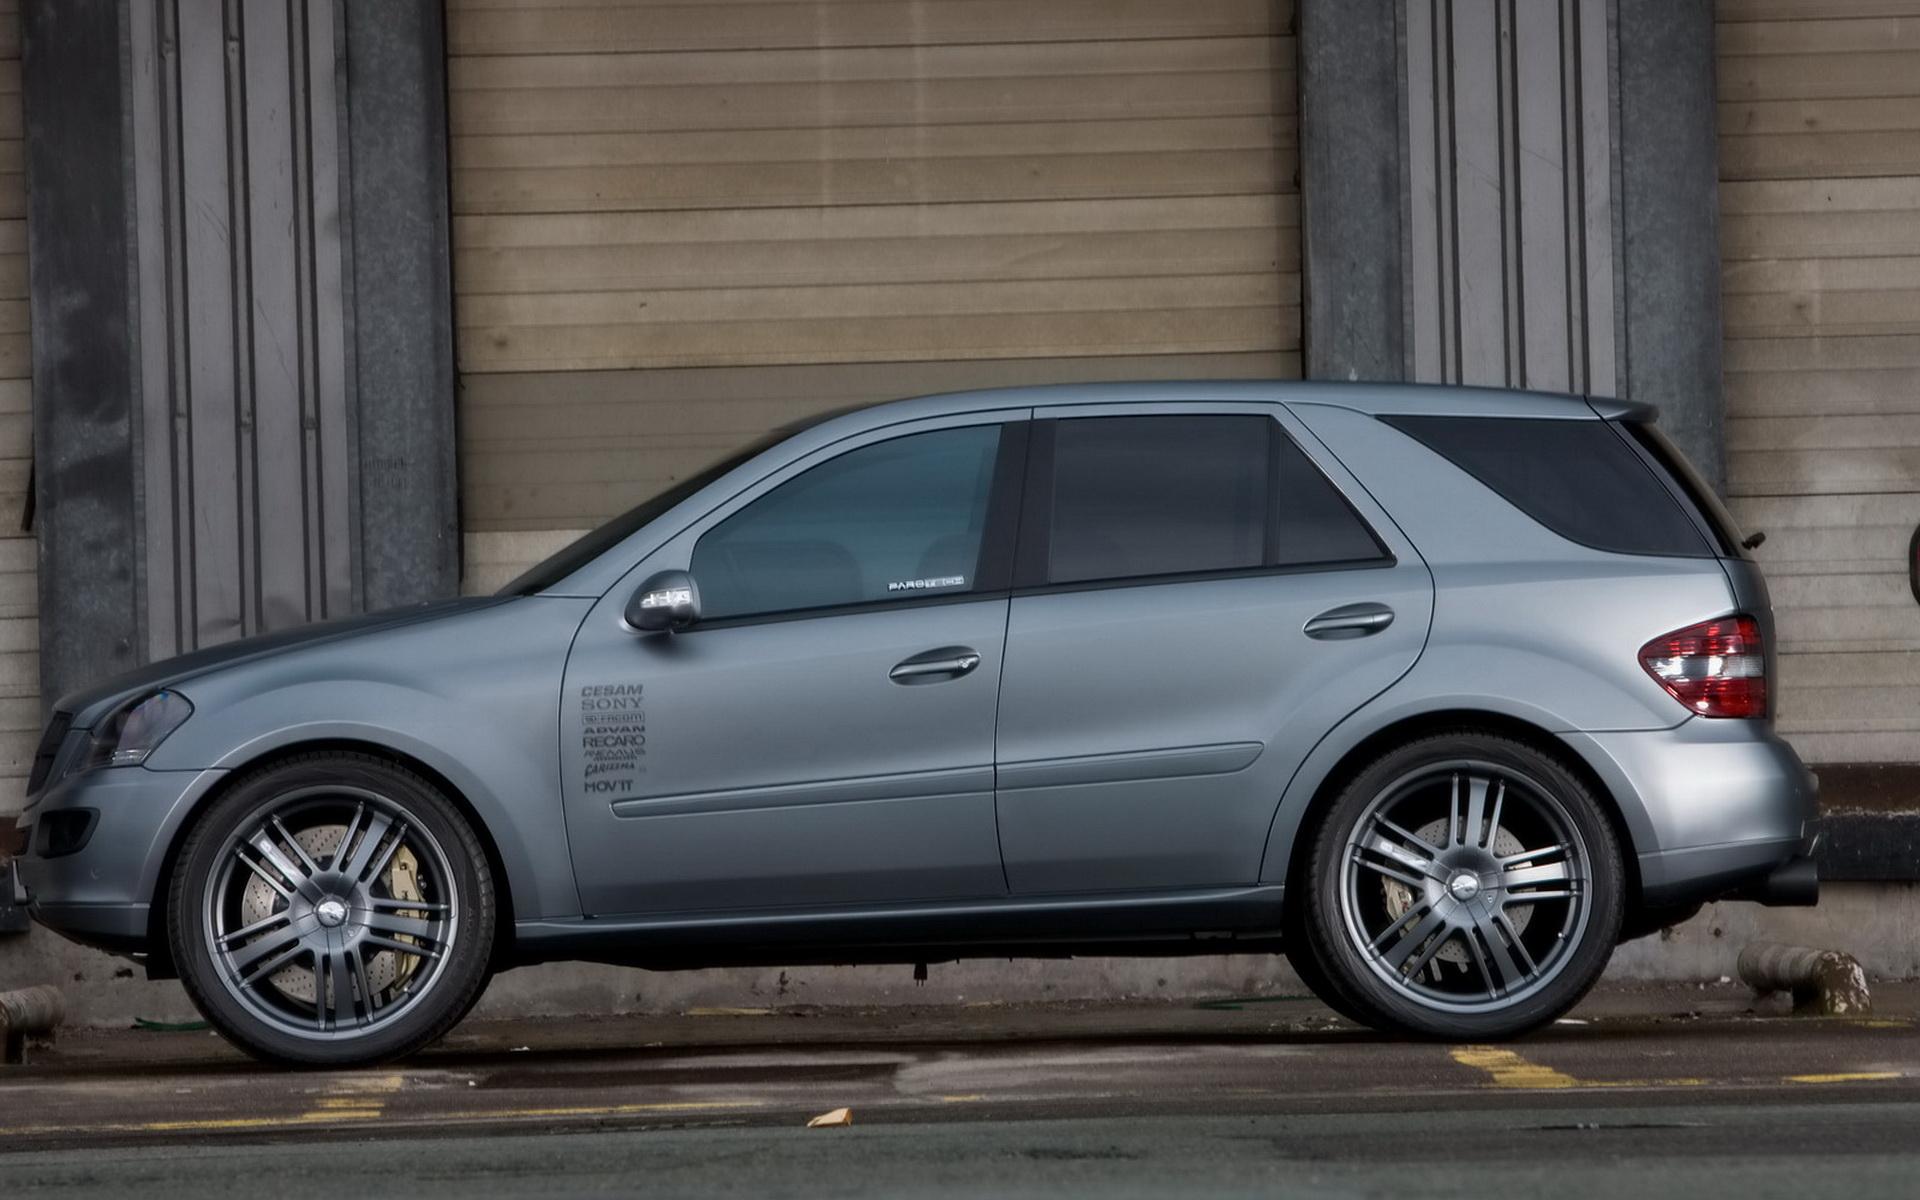 Parotech mercedes benz ml 500 uranium wallpapers and for Mercedes benz ml 500